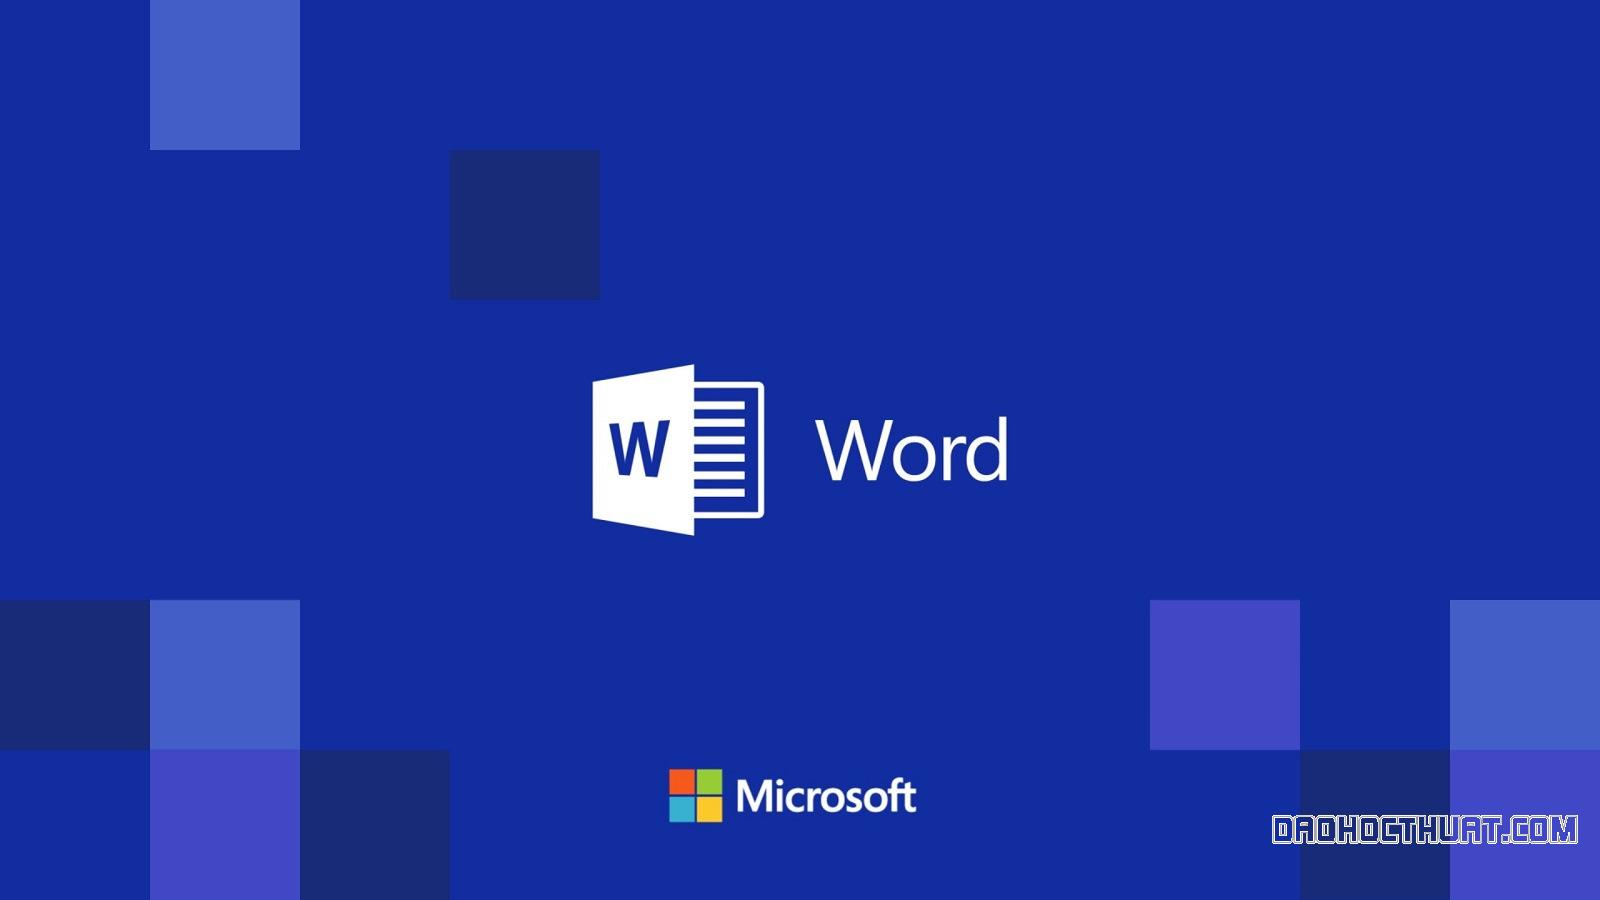 Cách hiện thanh công cụ trong Microsoft Word 2010, 2013, 2016, 2019